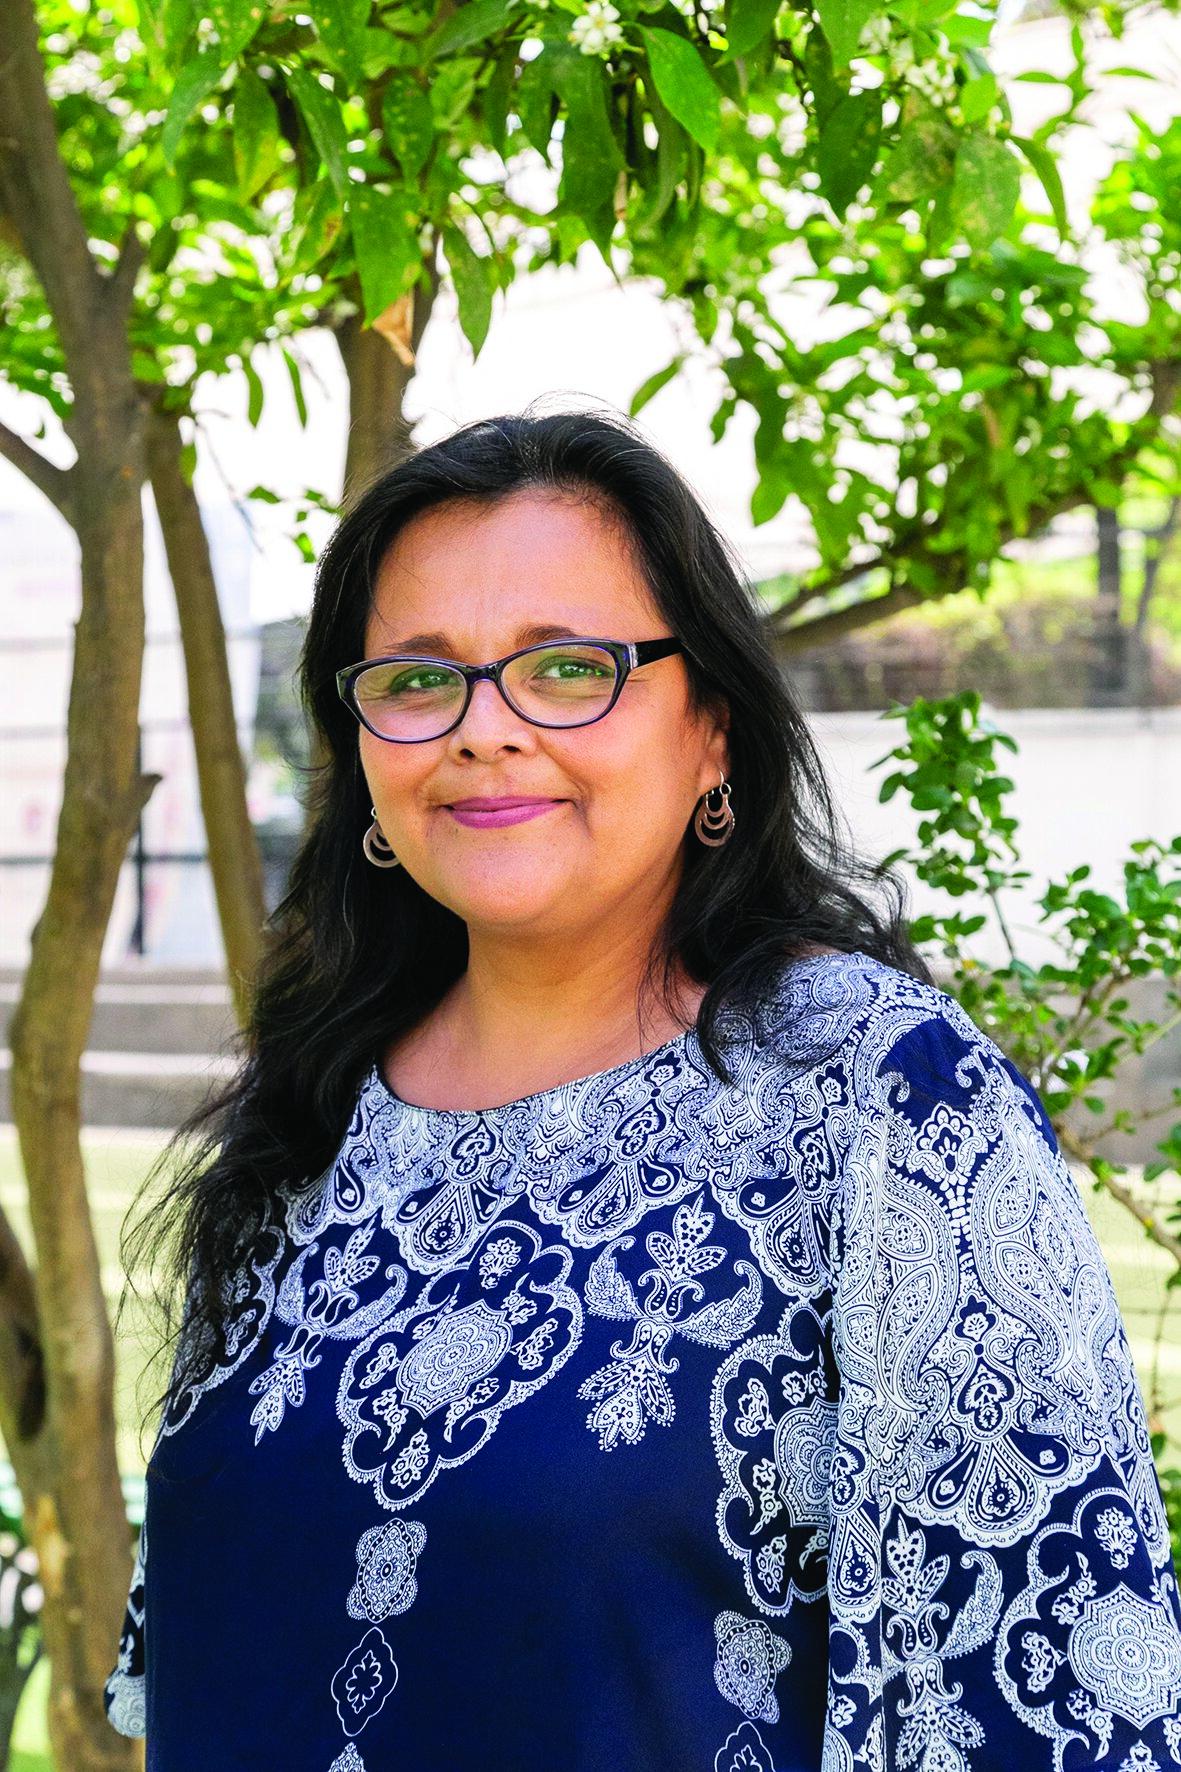 Susana Coronado